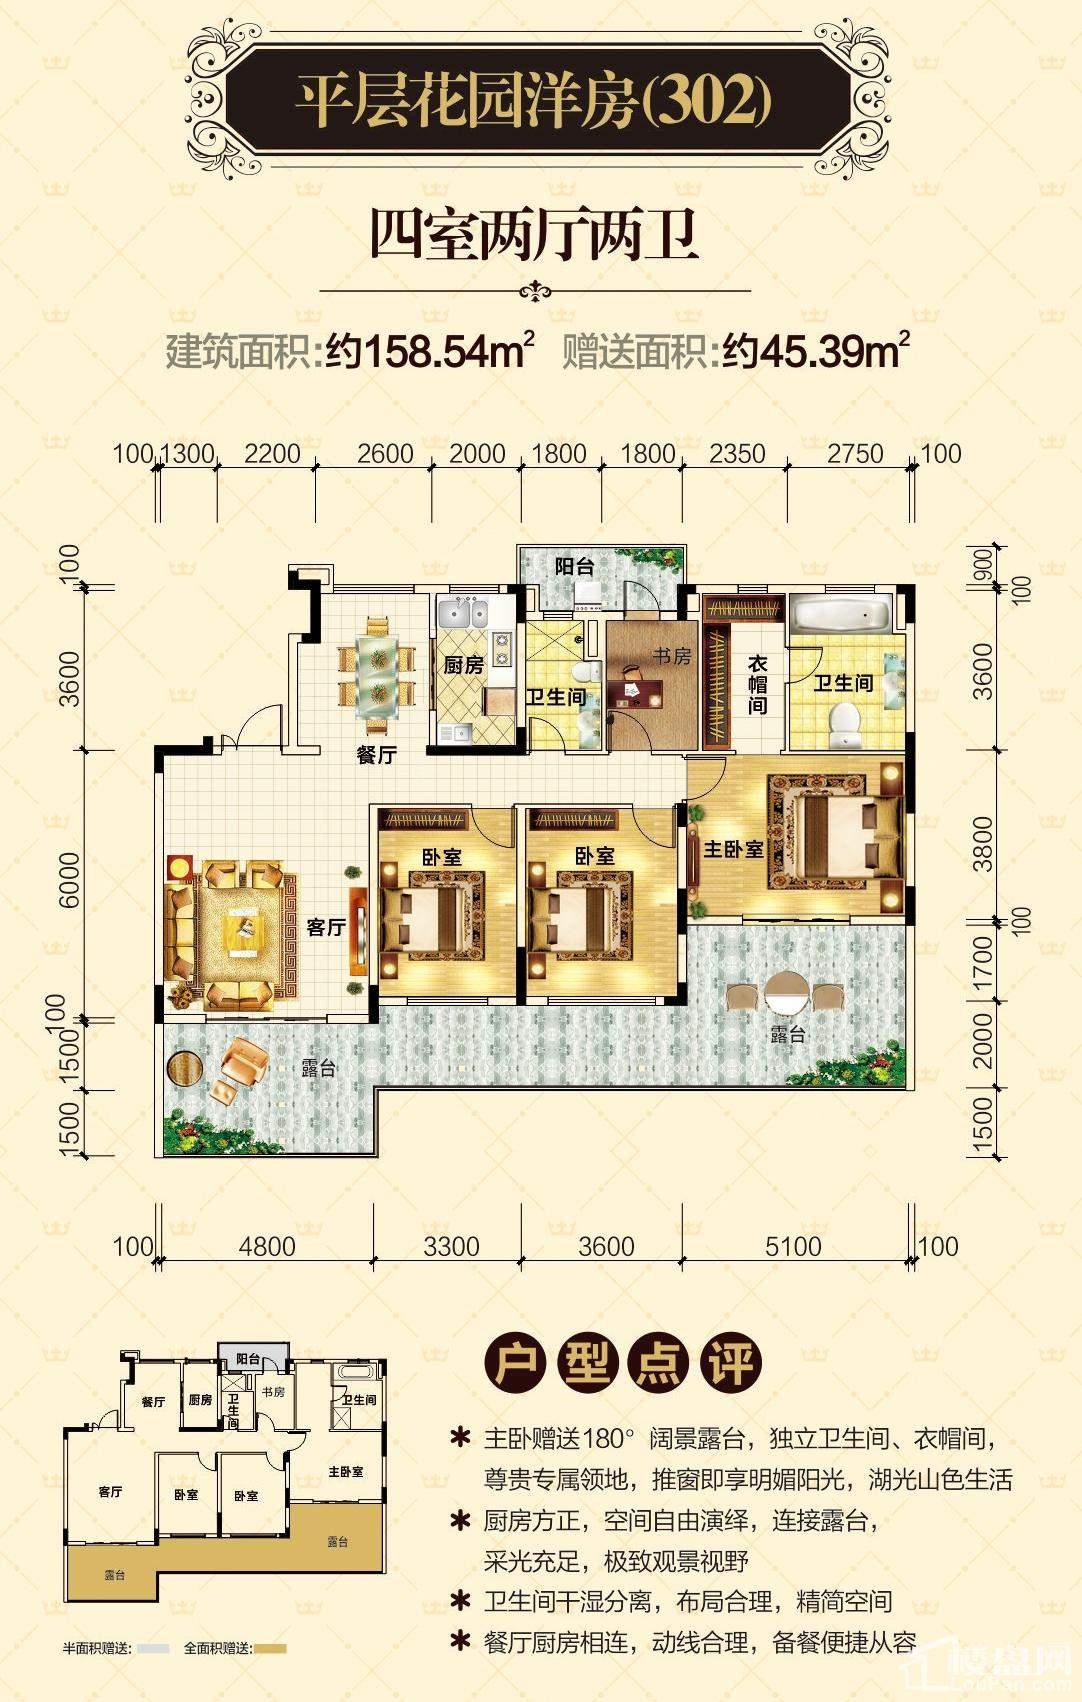 平层花园洋房302